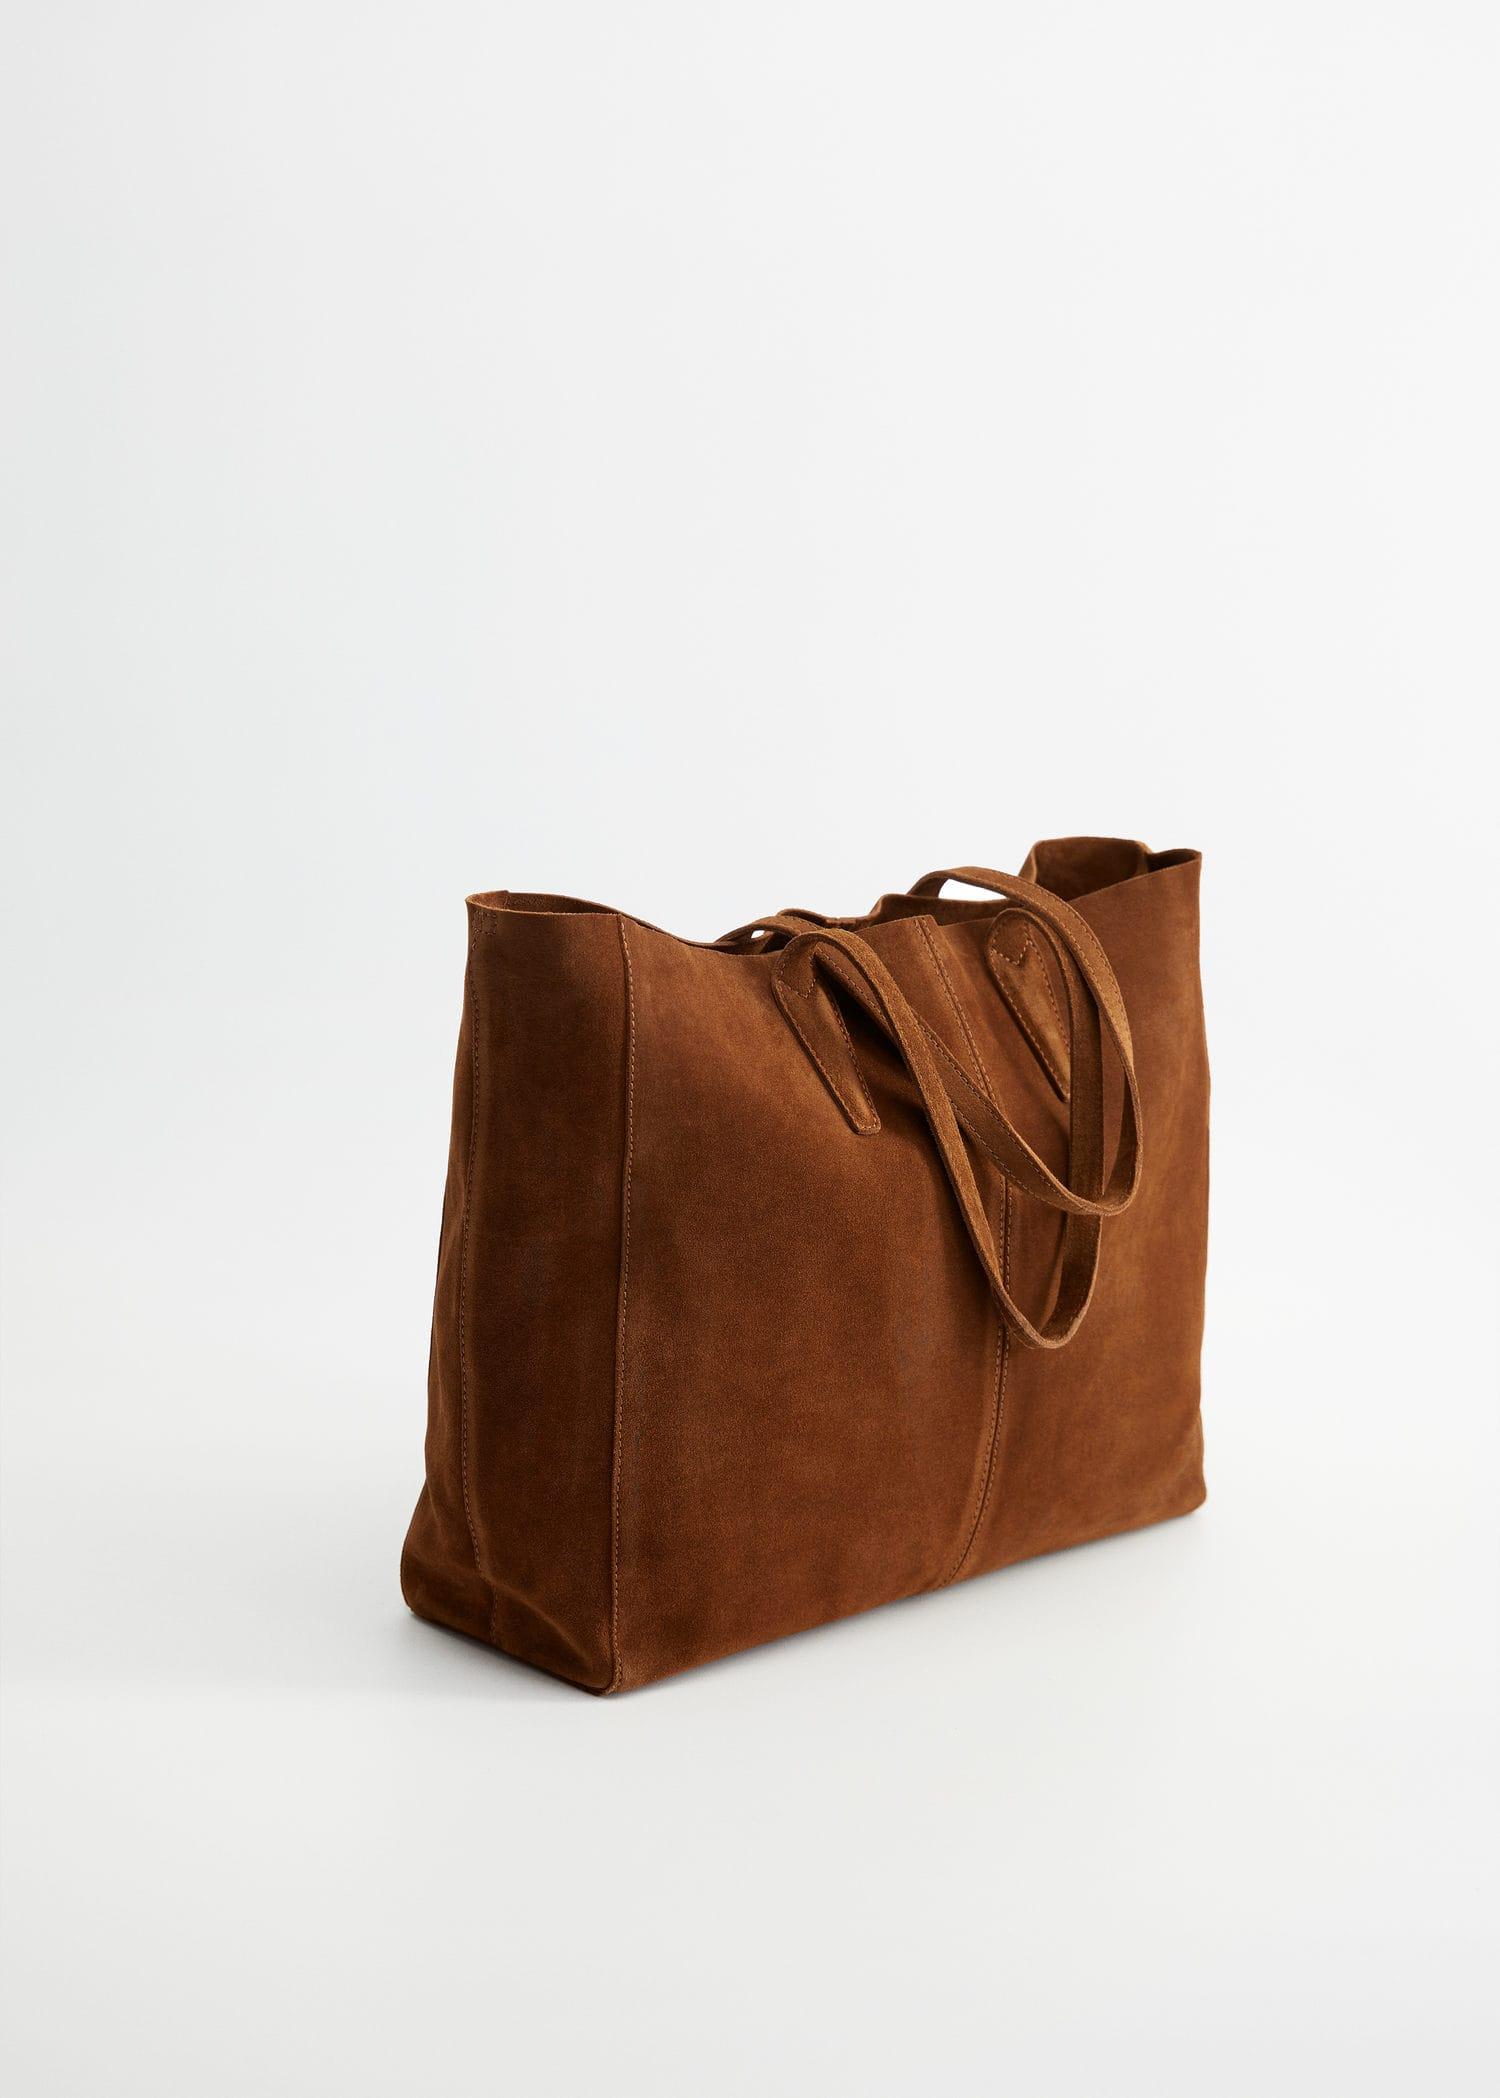 Damen Taschen Österreich 2019Mango Für IY6fbgv7y